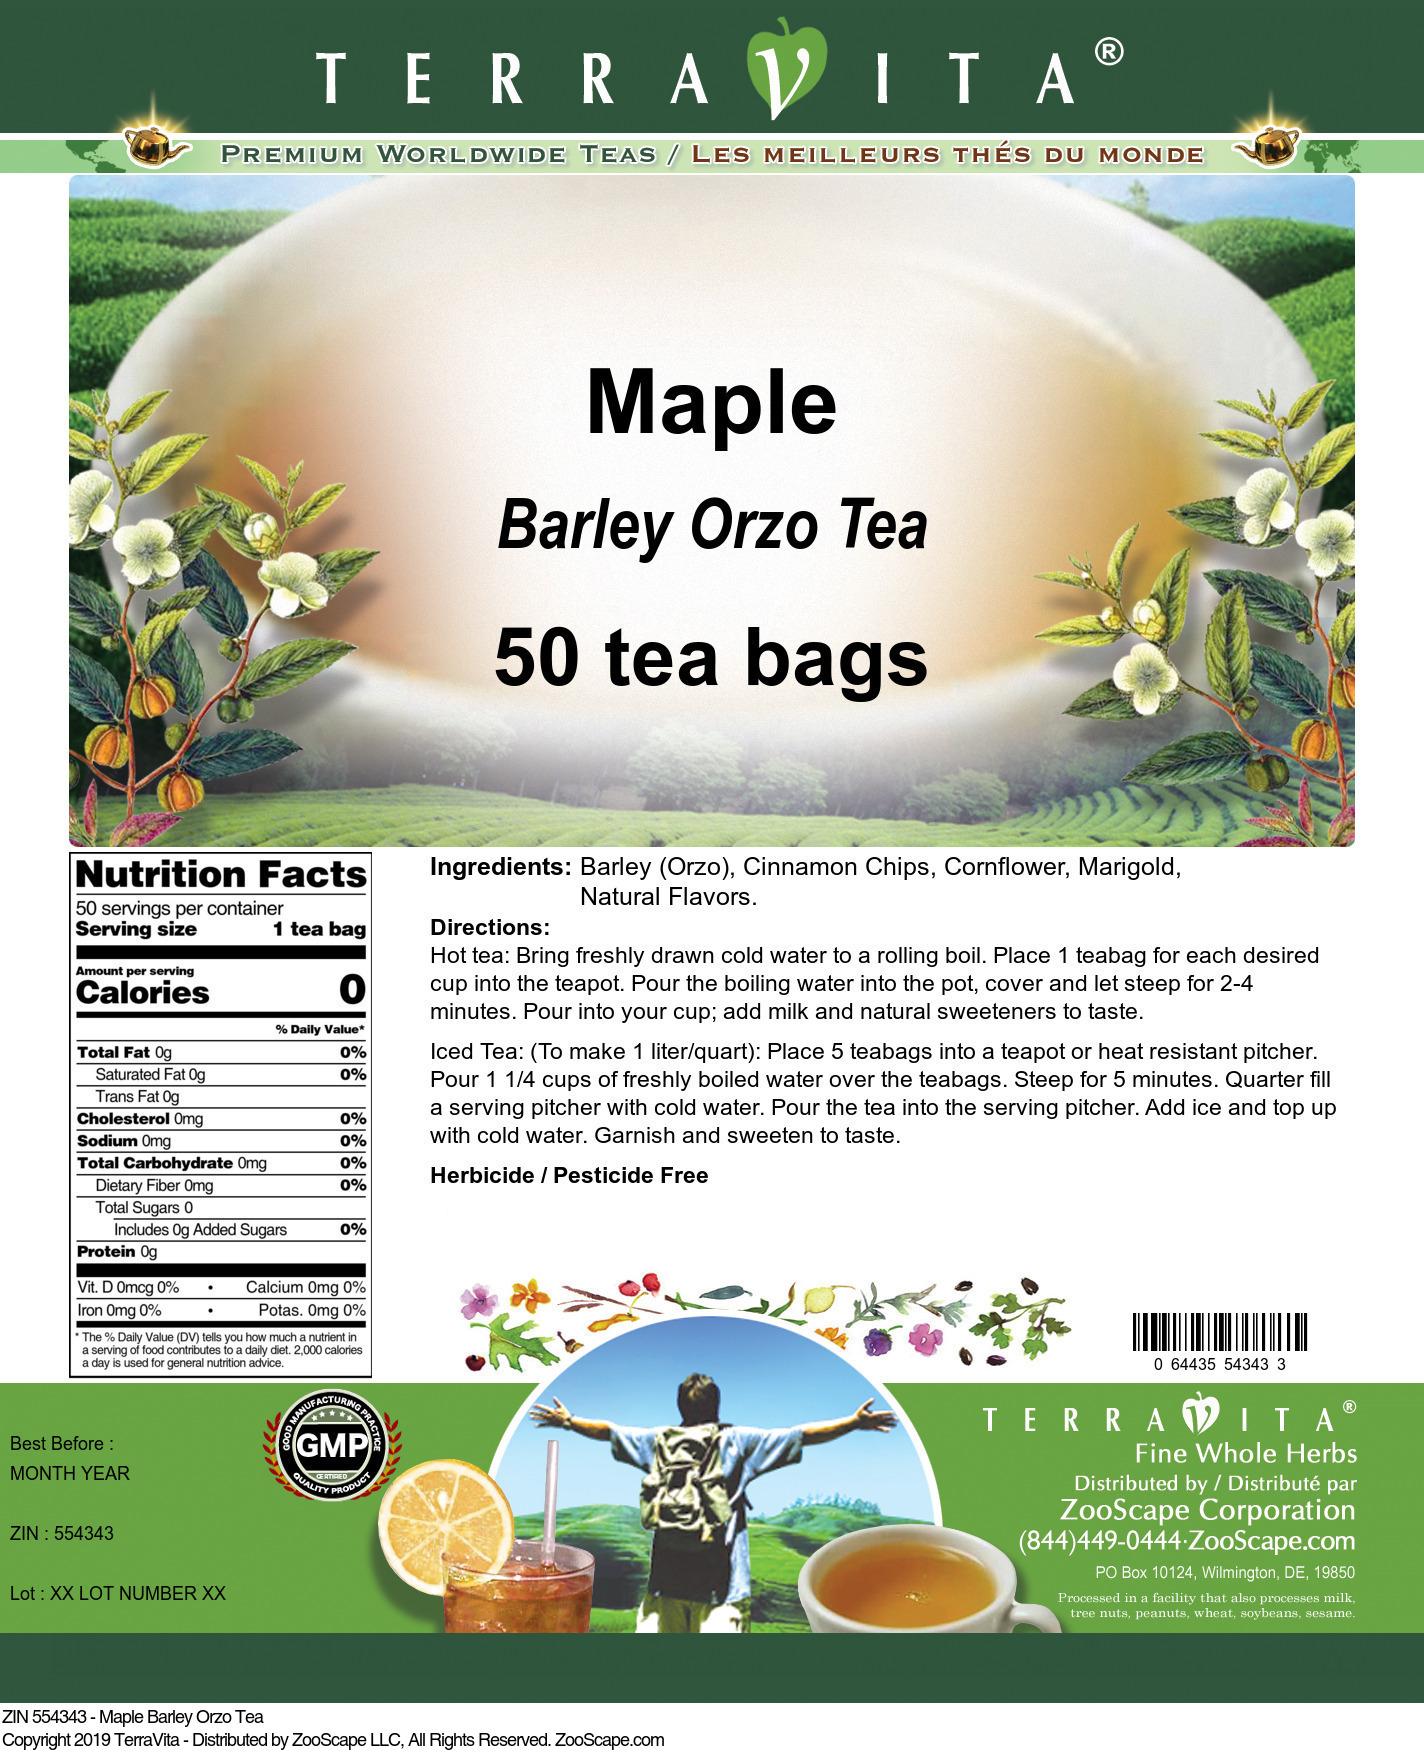 Maple Barley Orzo